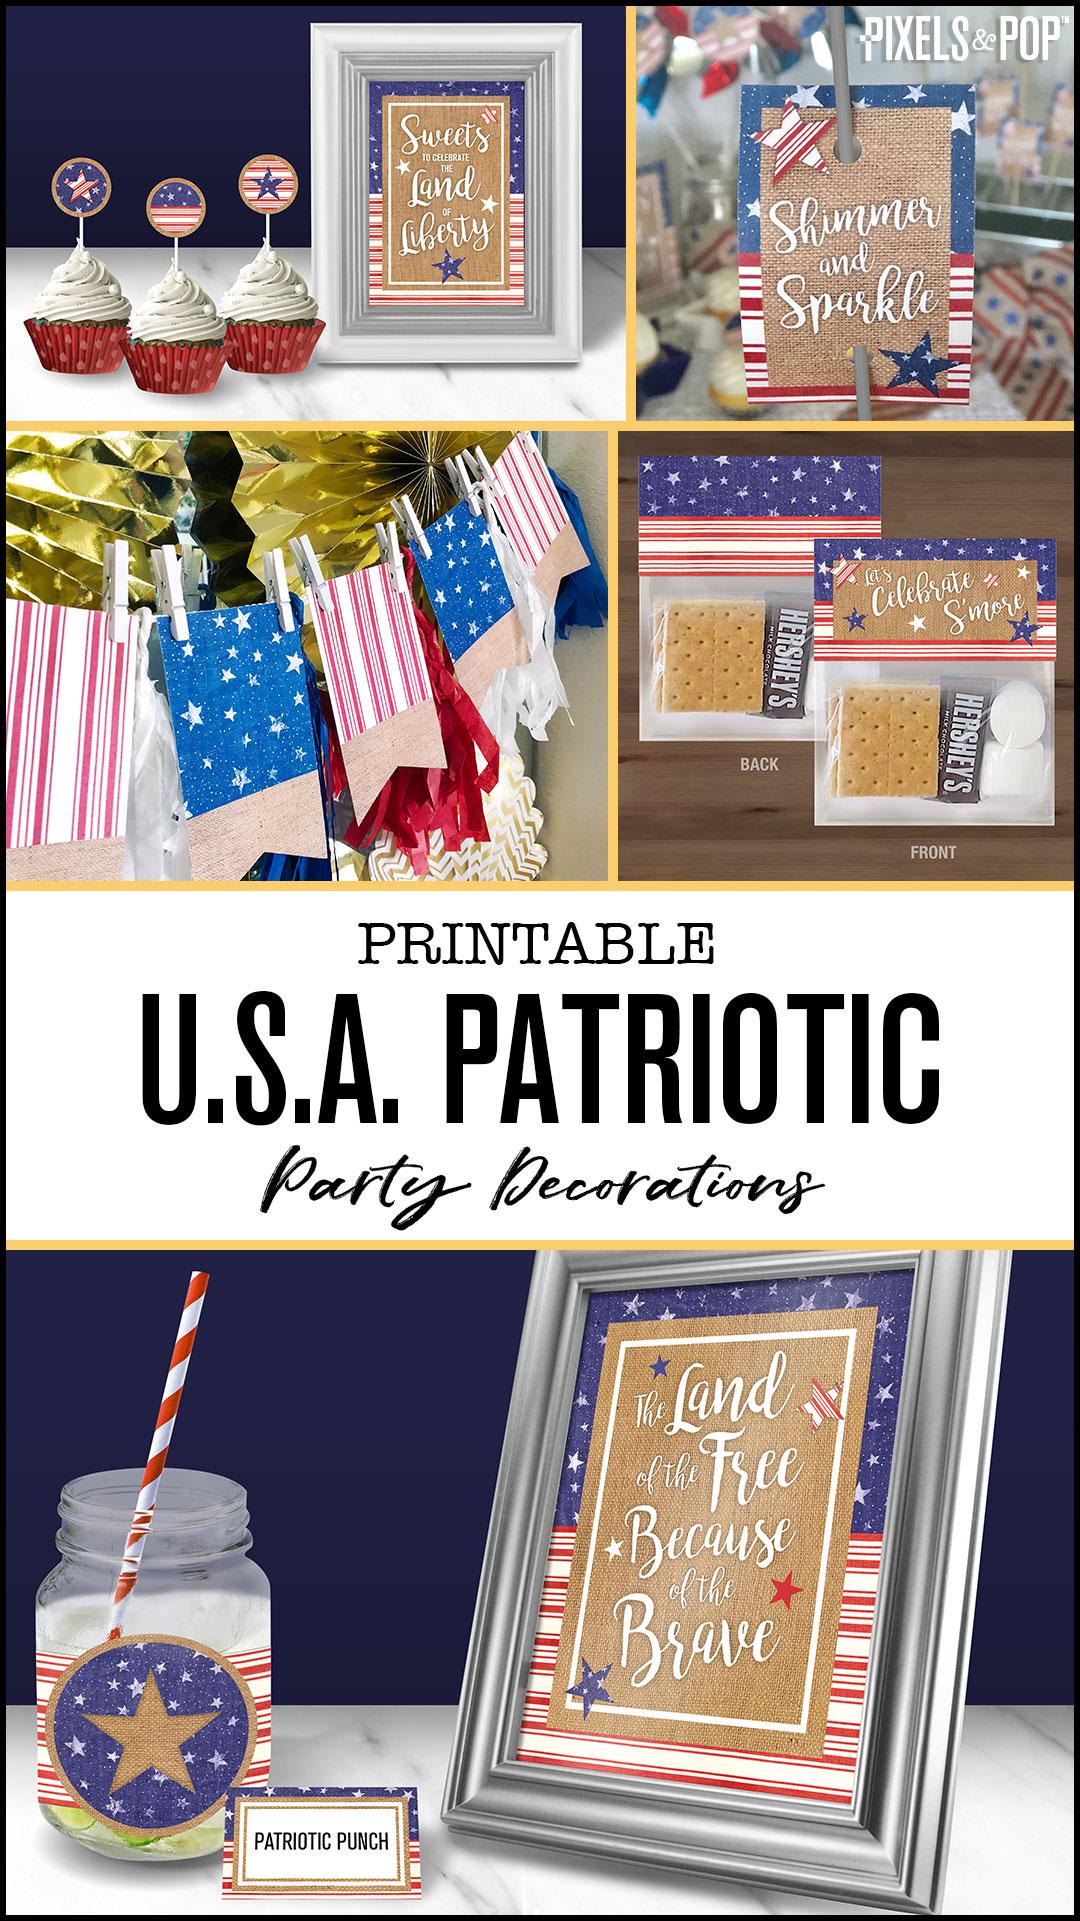 HOLIDAY-Patriotic_Pin.jpg